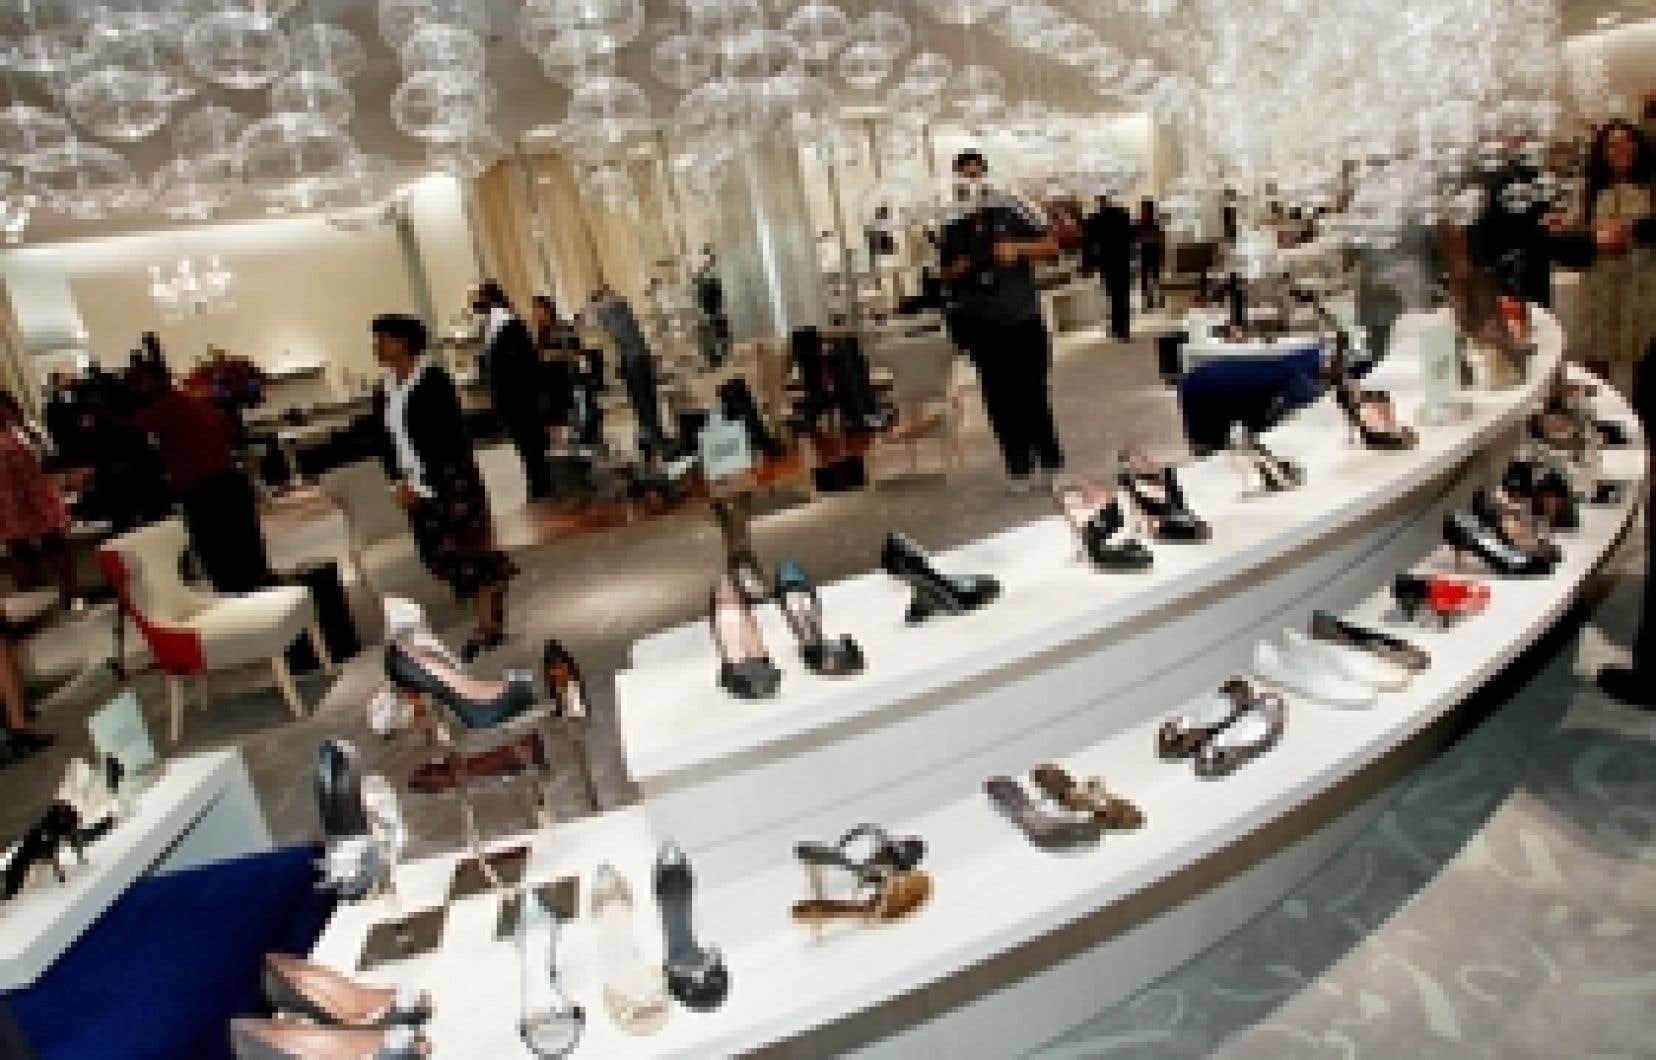 Saks a consacré tout son huitième étage aux chaussures de luxe.